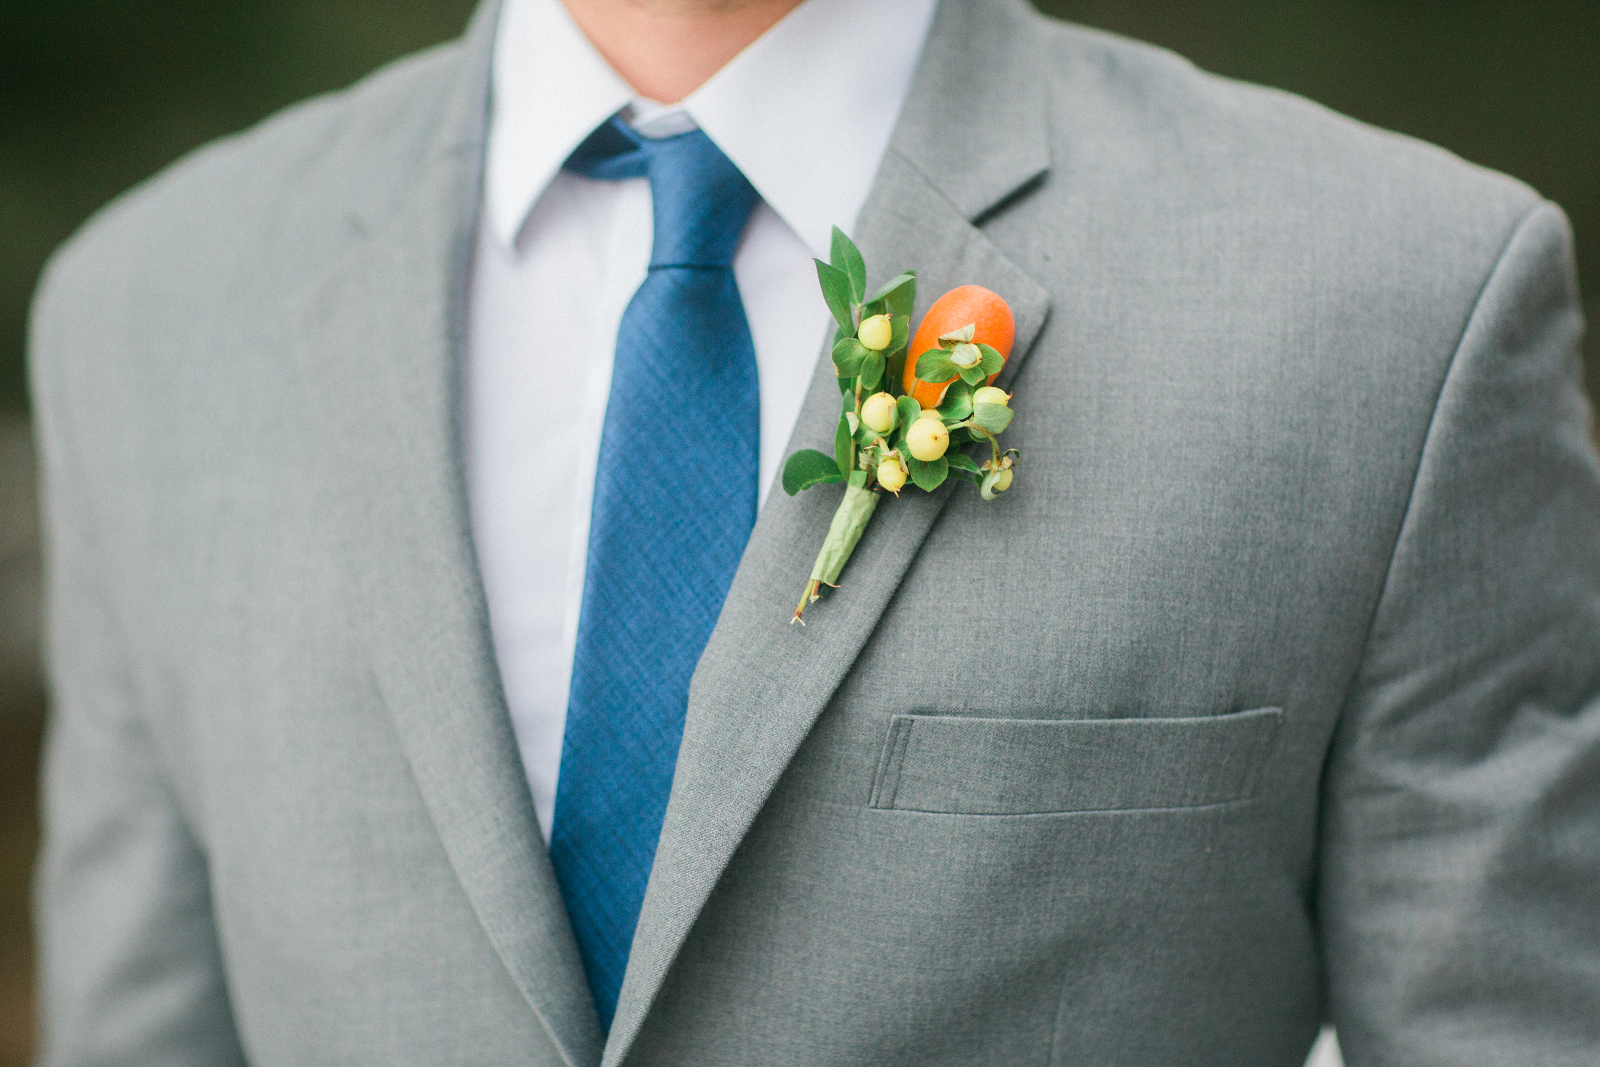 wedding Boutonniere ideas